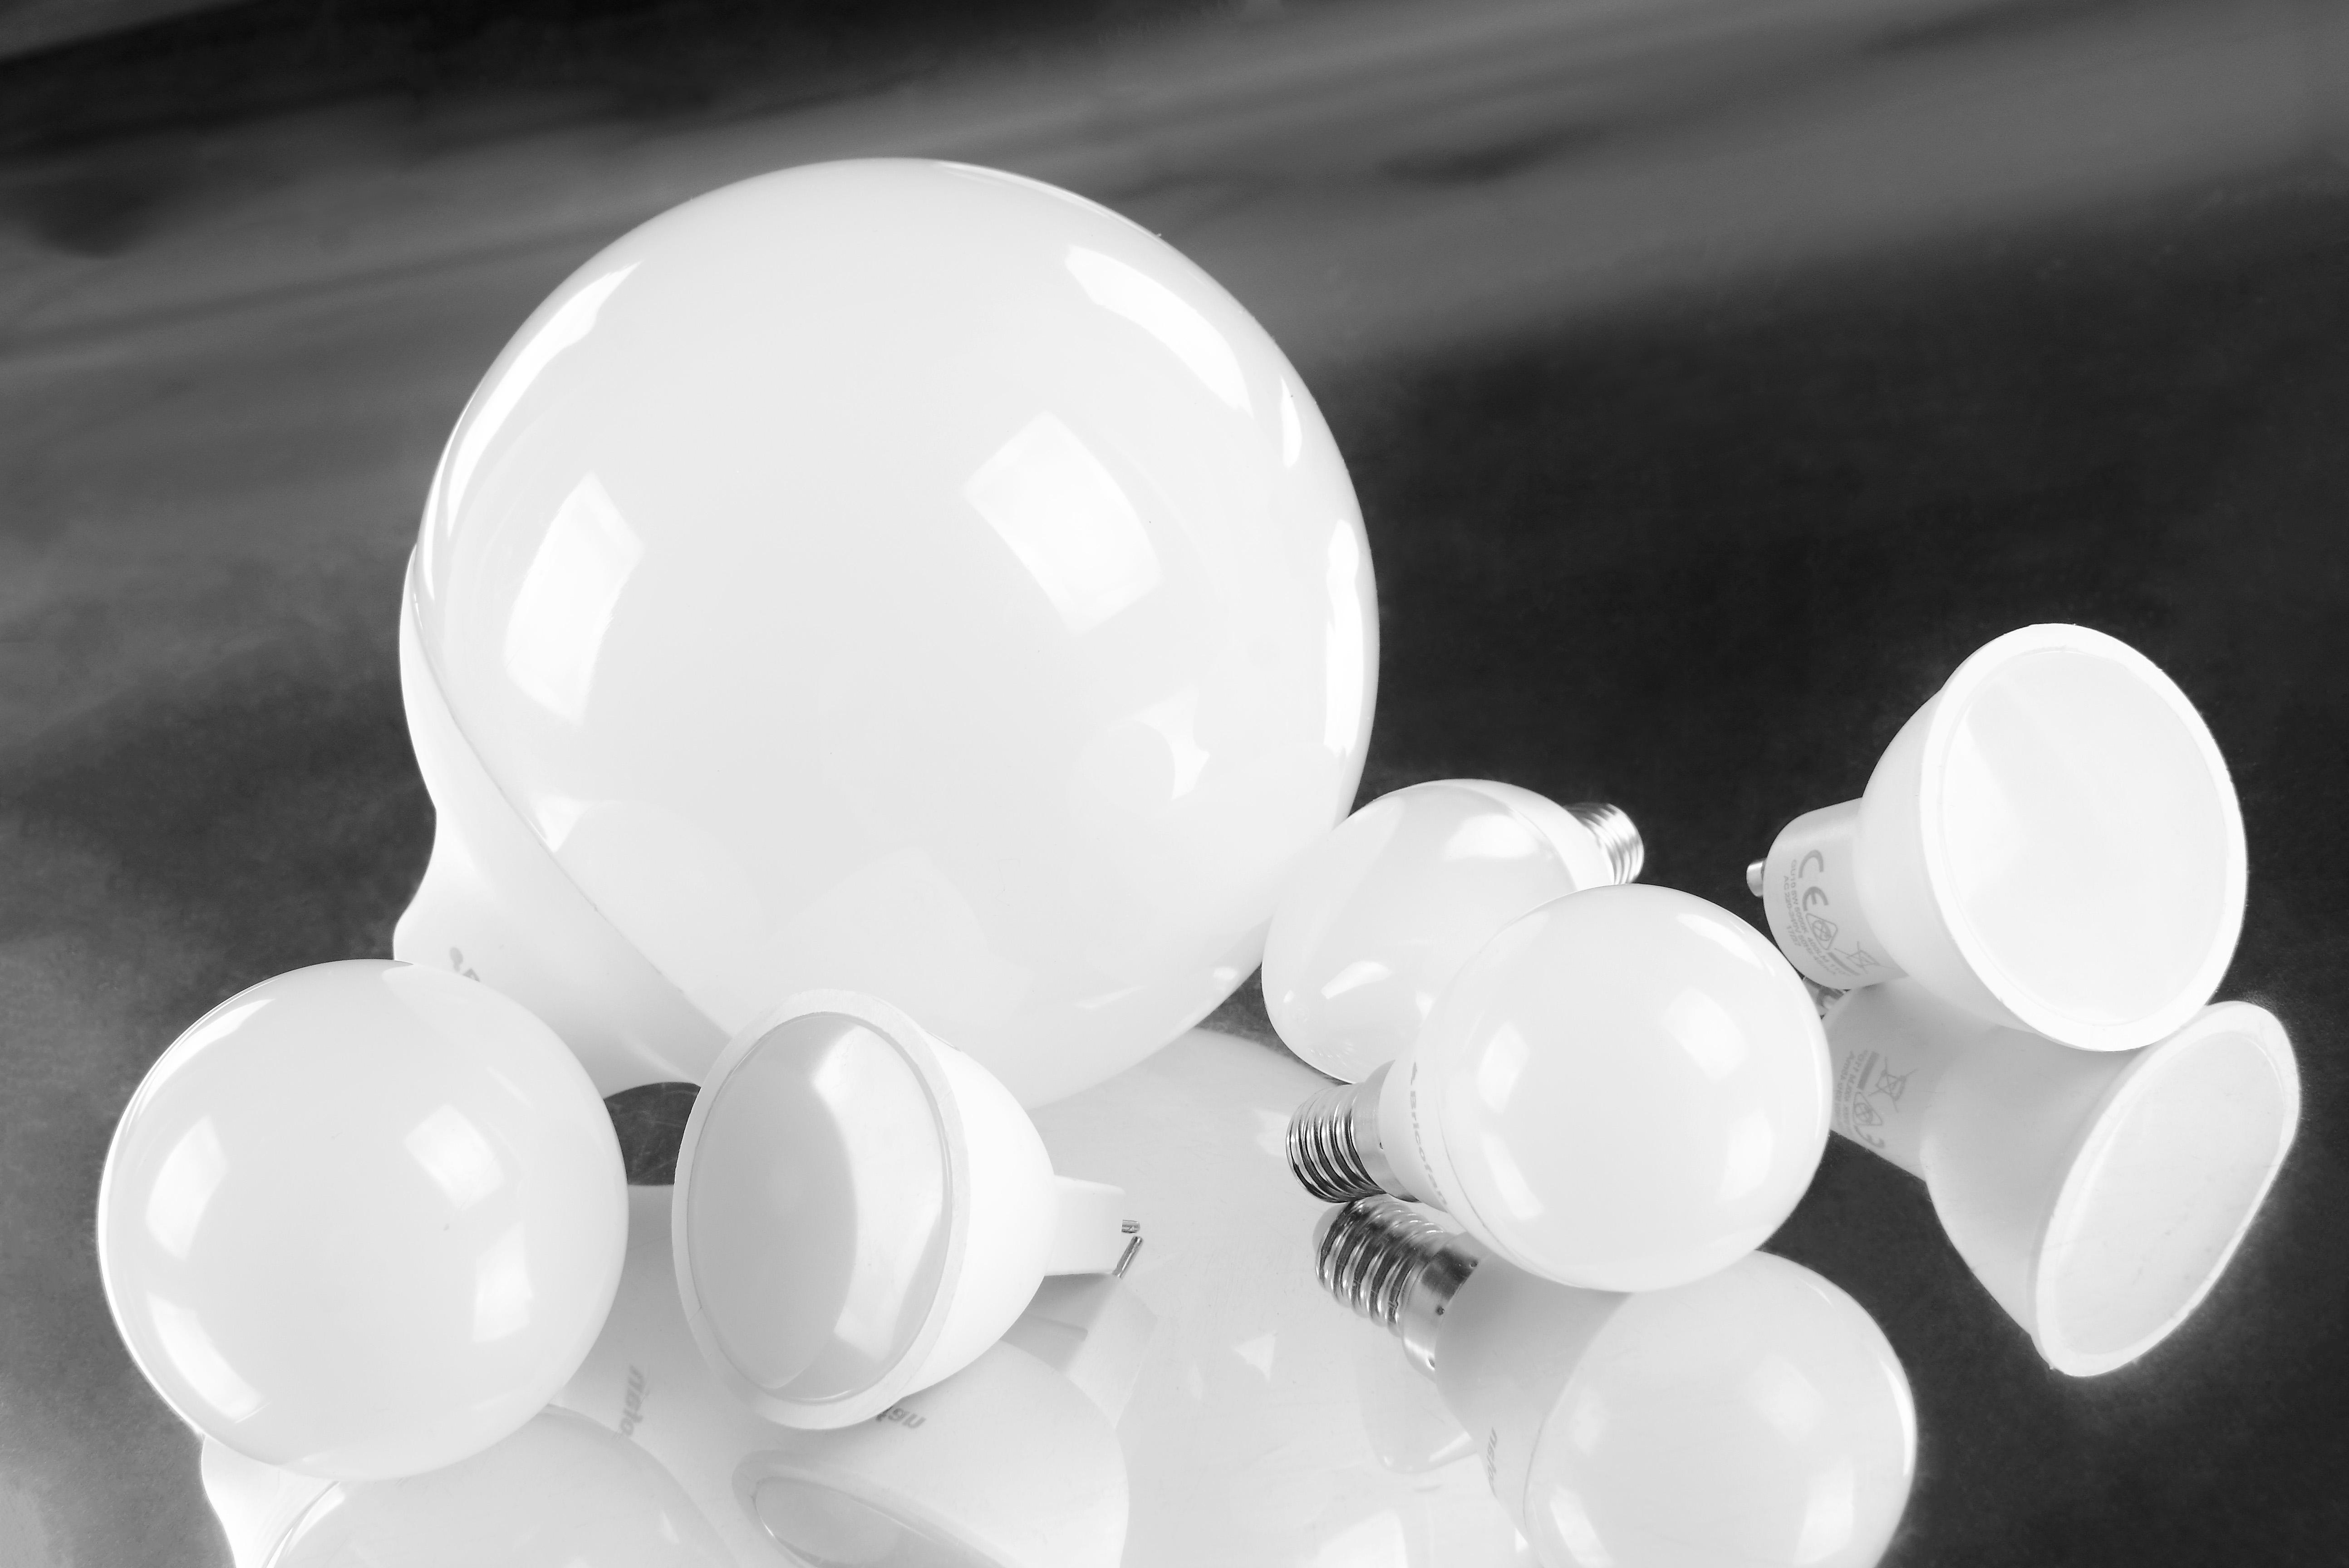 ventajas de utilizar iluminación led con las bombillas led Cofan